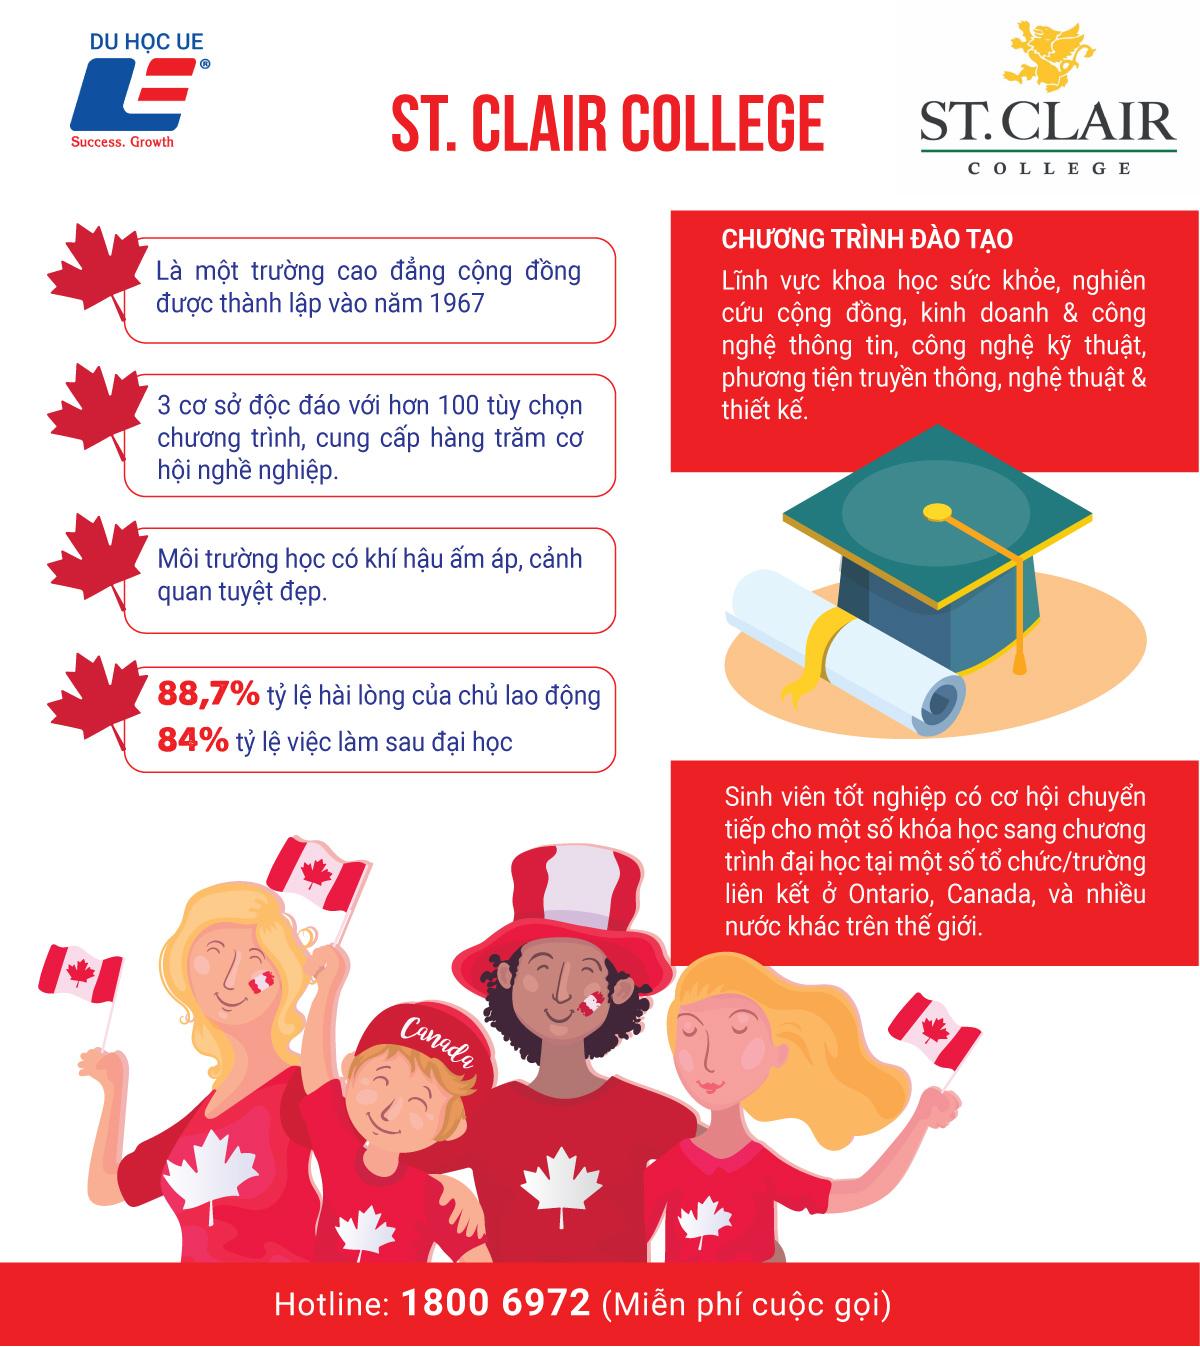 Cùng nhau trải nghiệm và học tập tại St. Clair College - Môi trường học có khí hậu ấm áp tại Canada